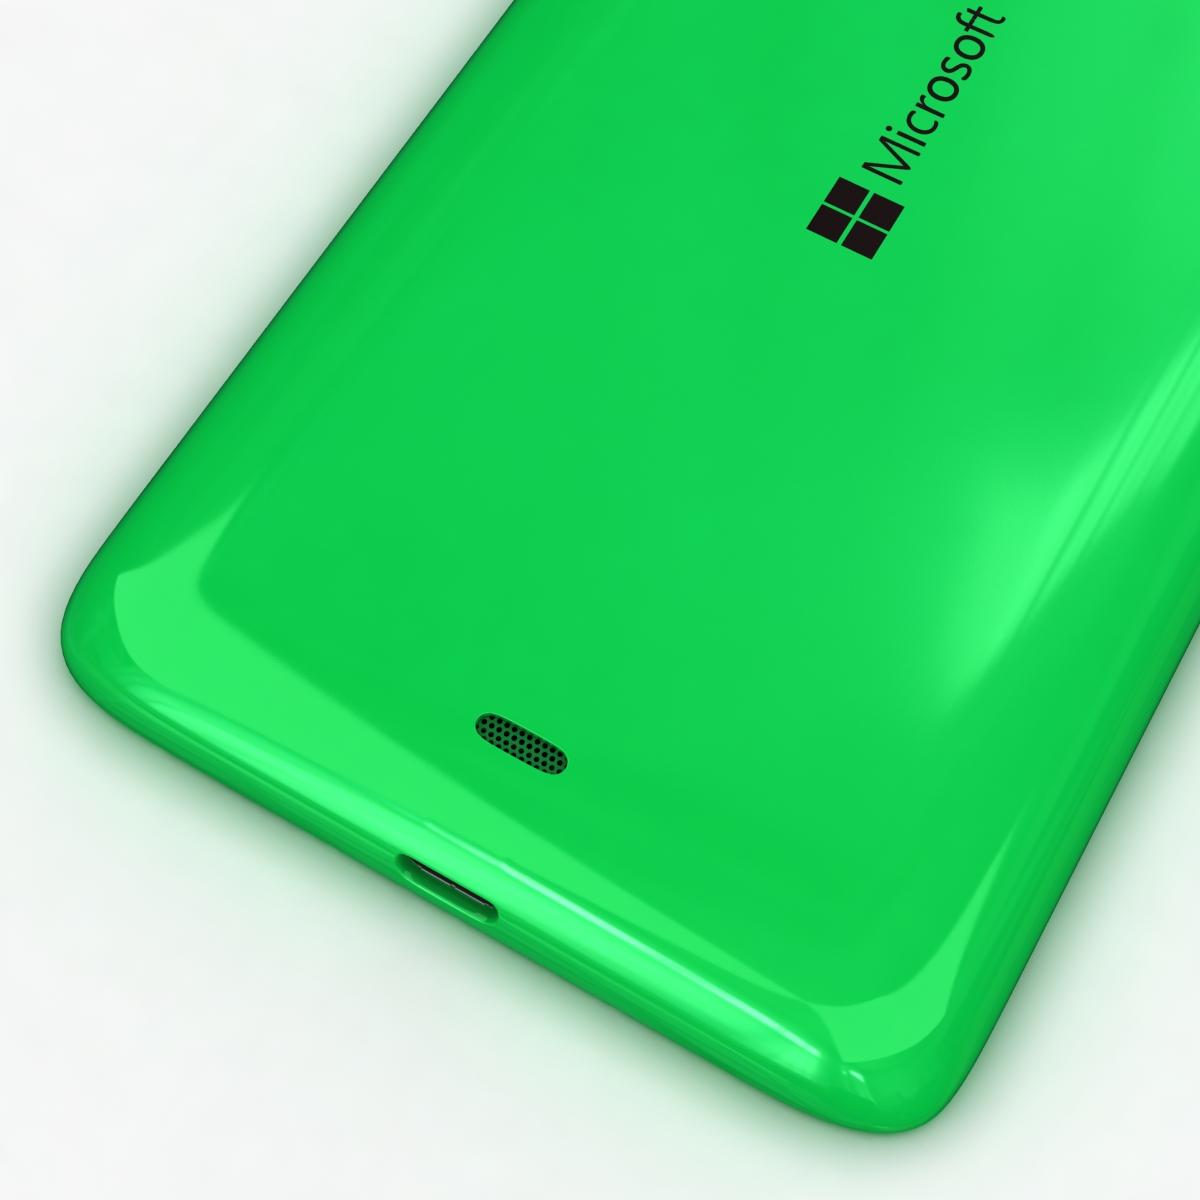 microsoft lumia 535 and dual sim all colors 3d model 3ds max fbx c4d obj 204673